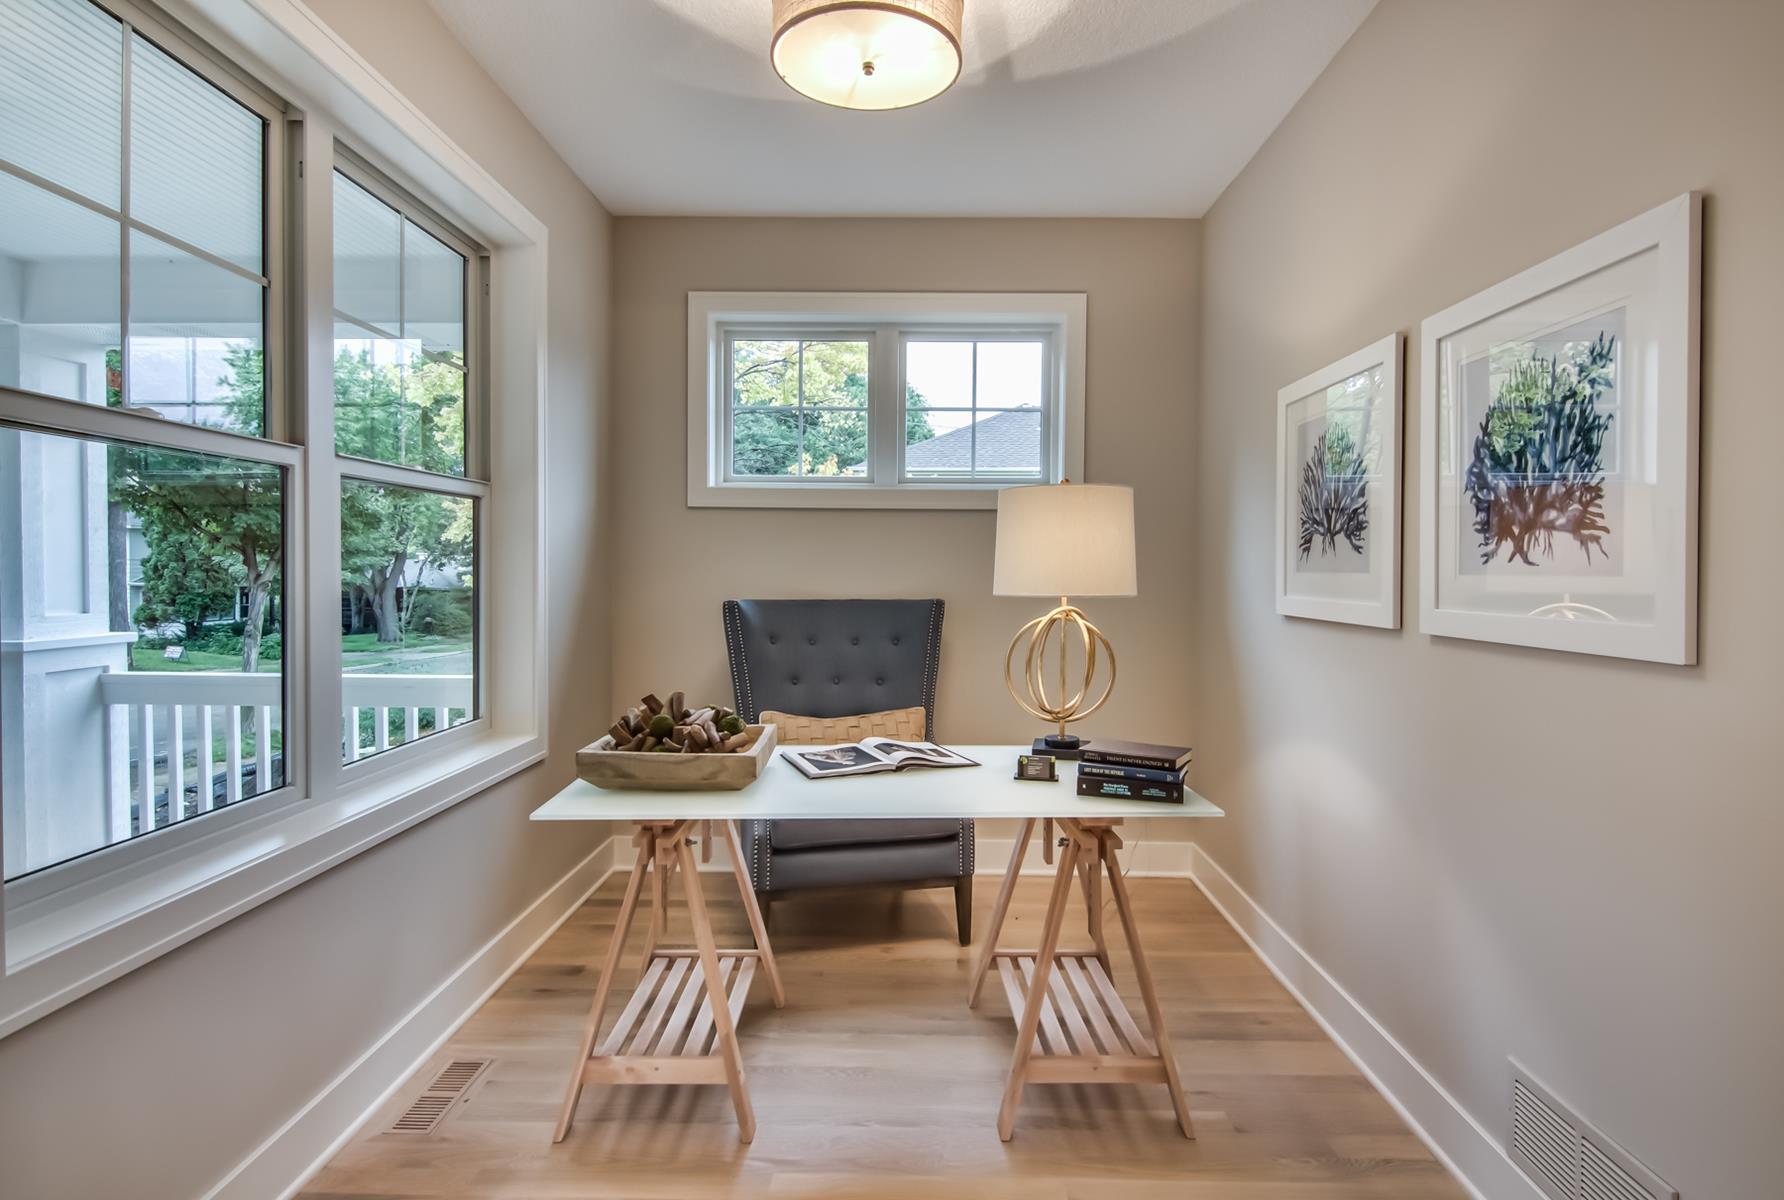 Single Family Home for Sale at 1 Cooper Avenue Edina, Minnesota 55436 United States